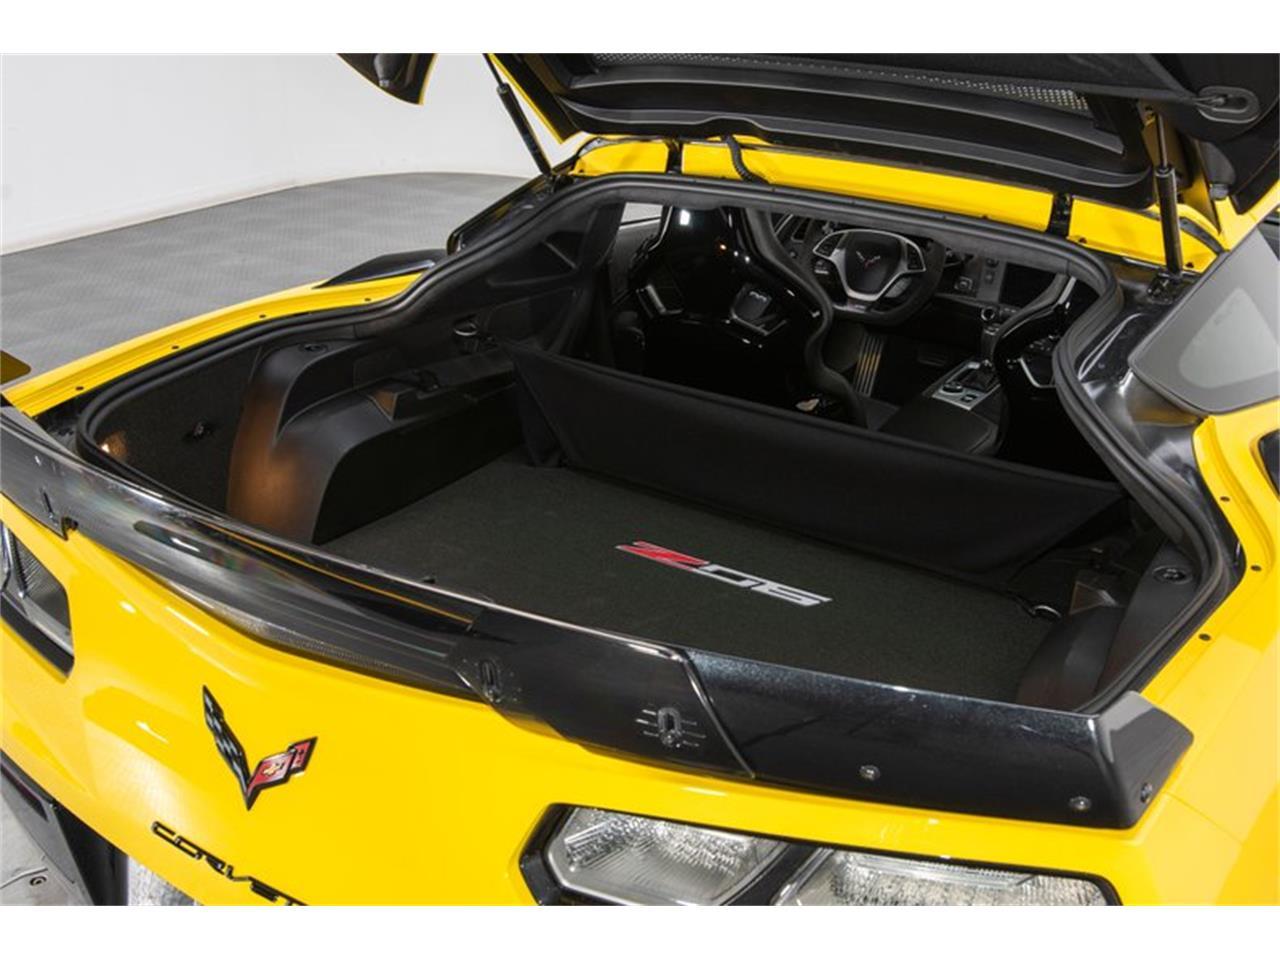 2015 Chevrolet Corvette (CC-1412418) for sale in Charlotte, North Carolina